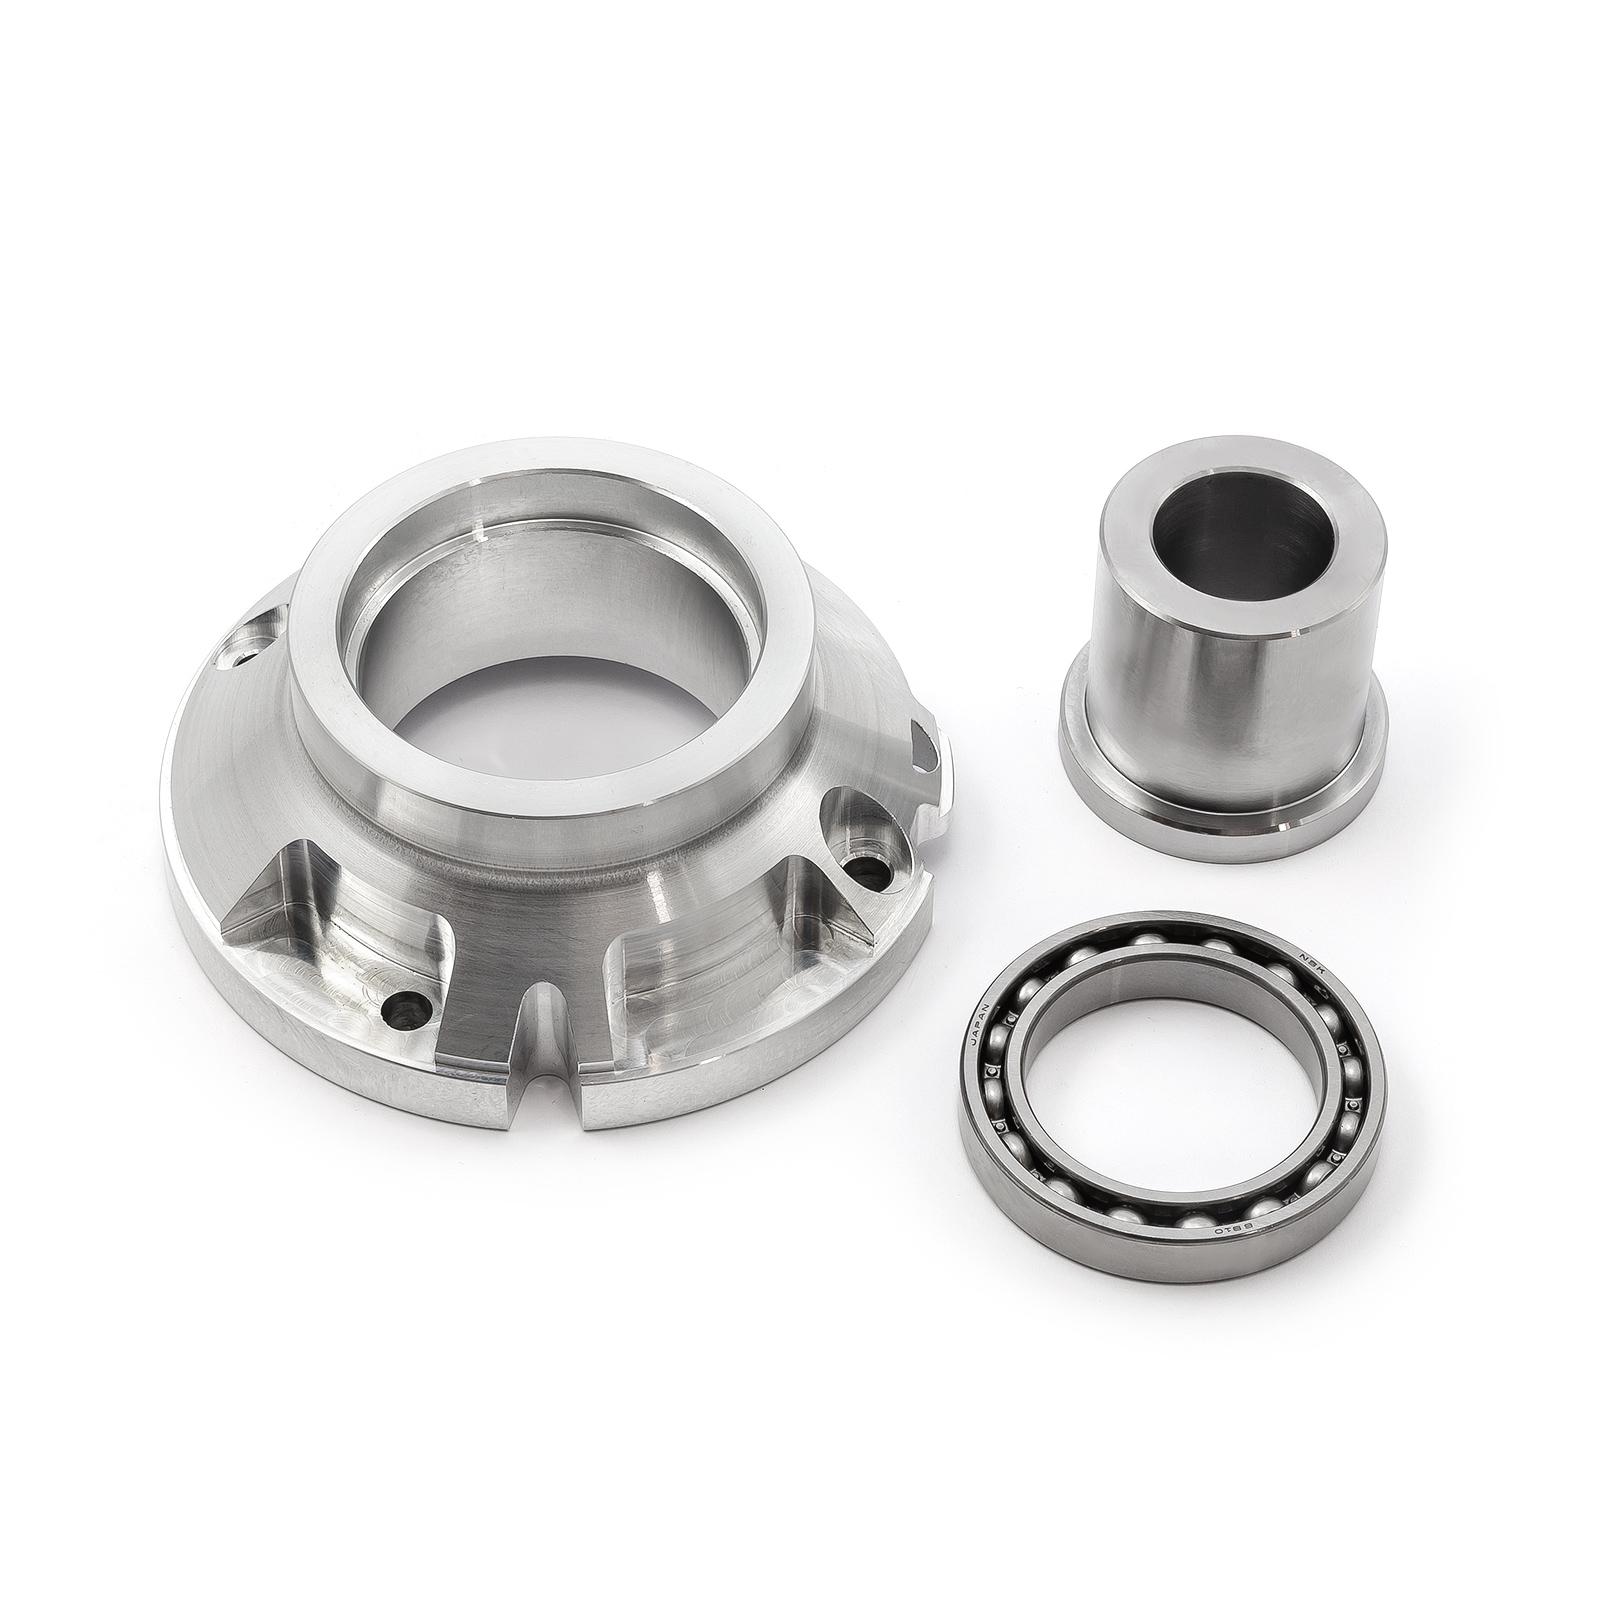 Ford C4 Billet Aluminum Oil Main Shaft - Anti-braker (Support)